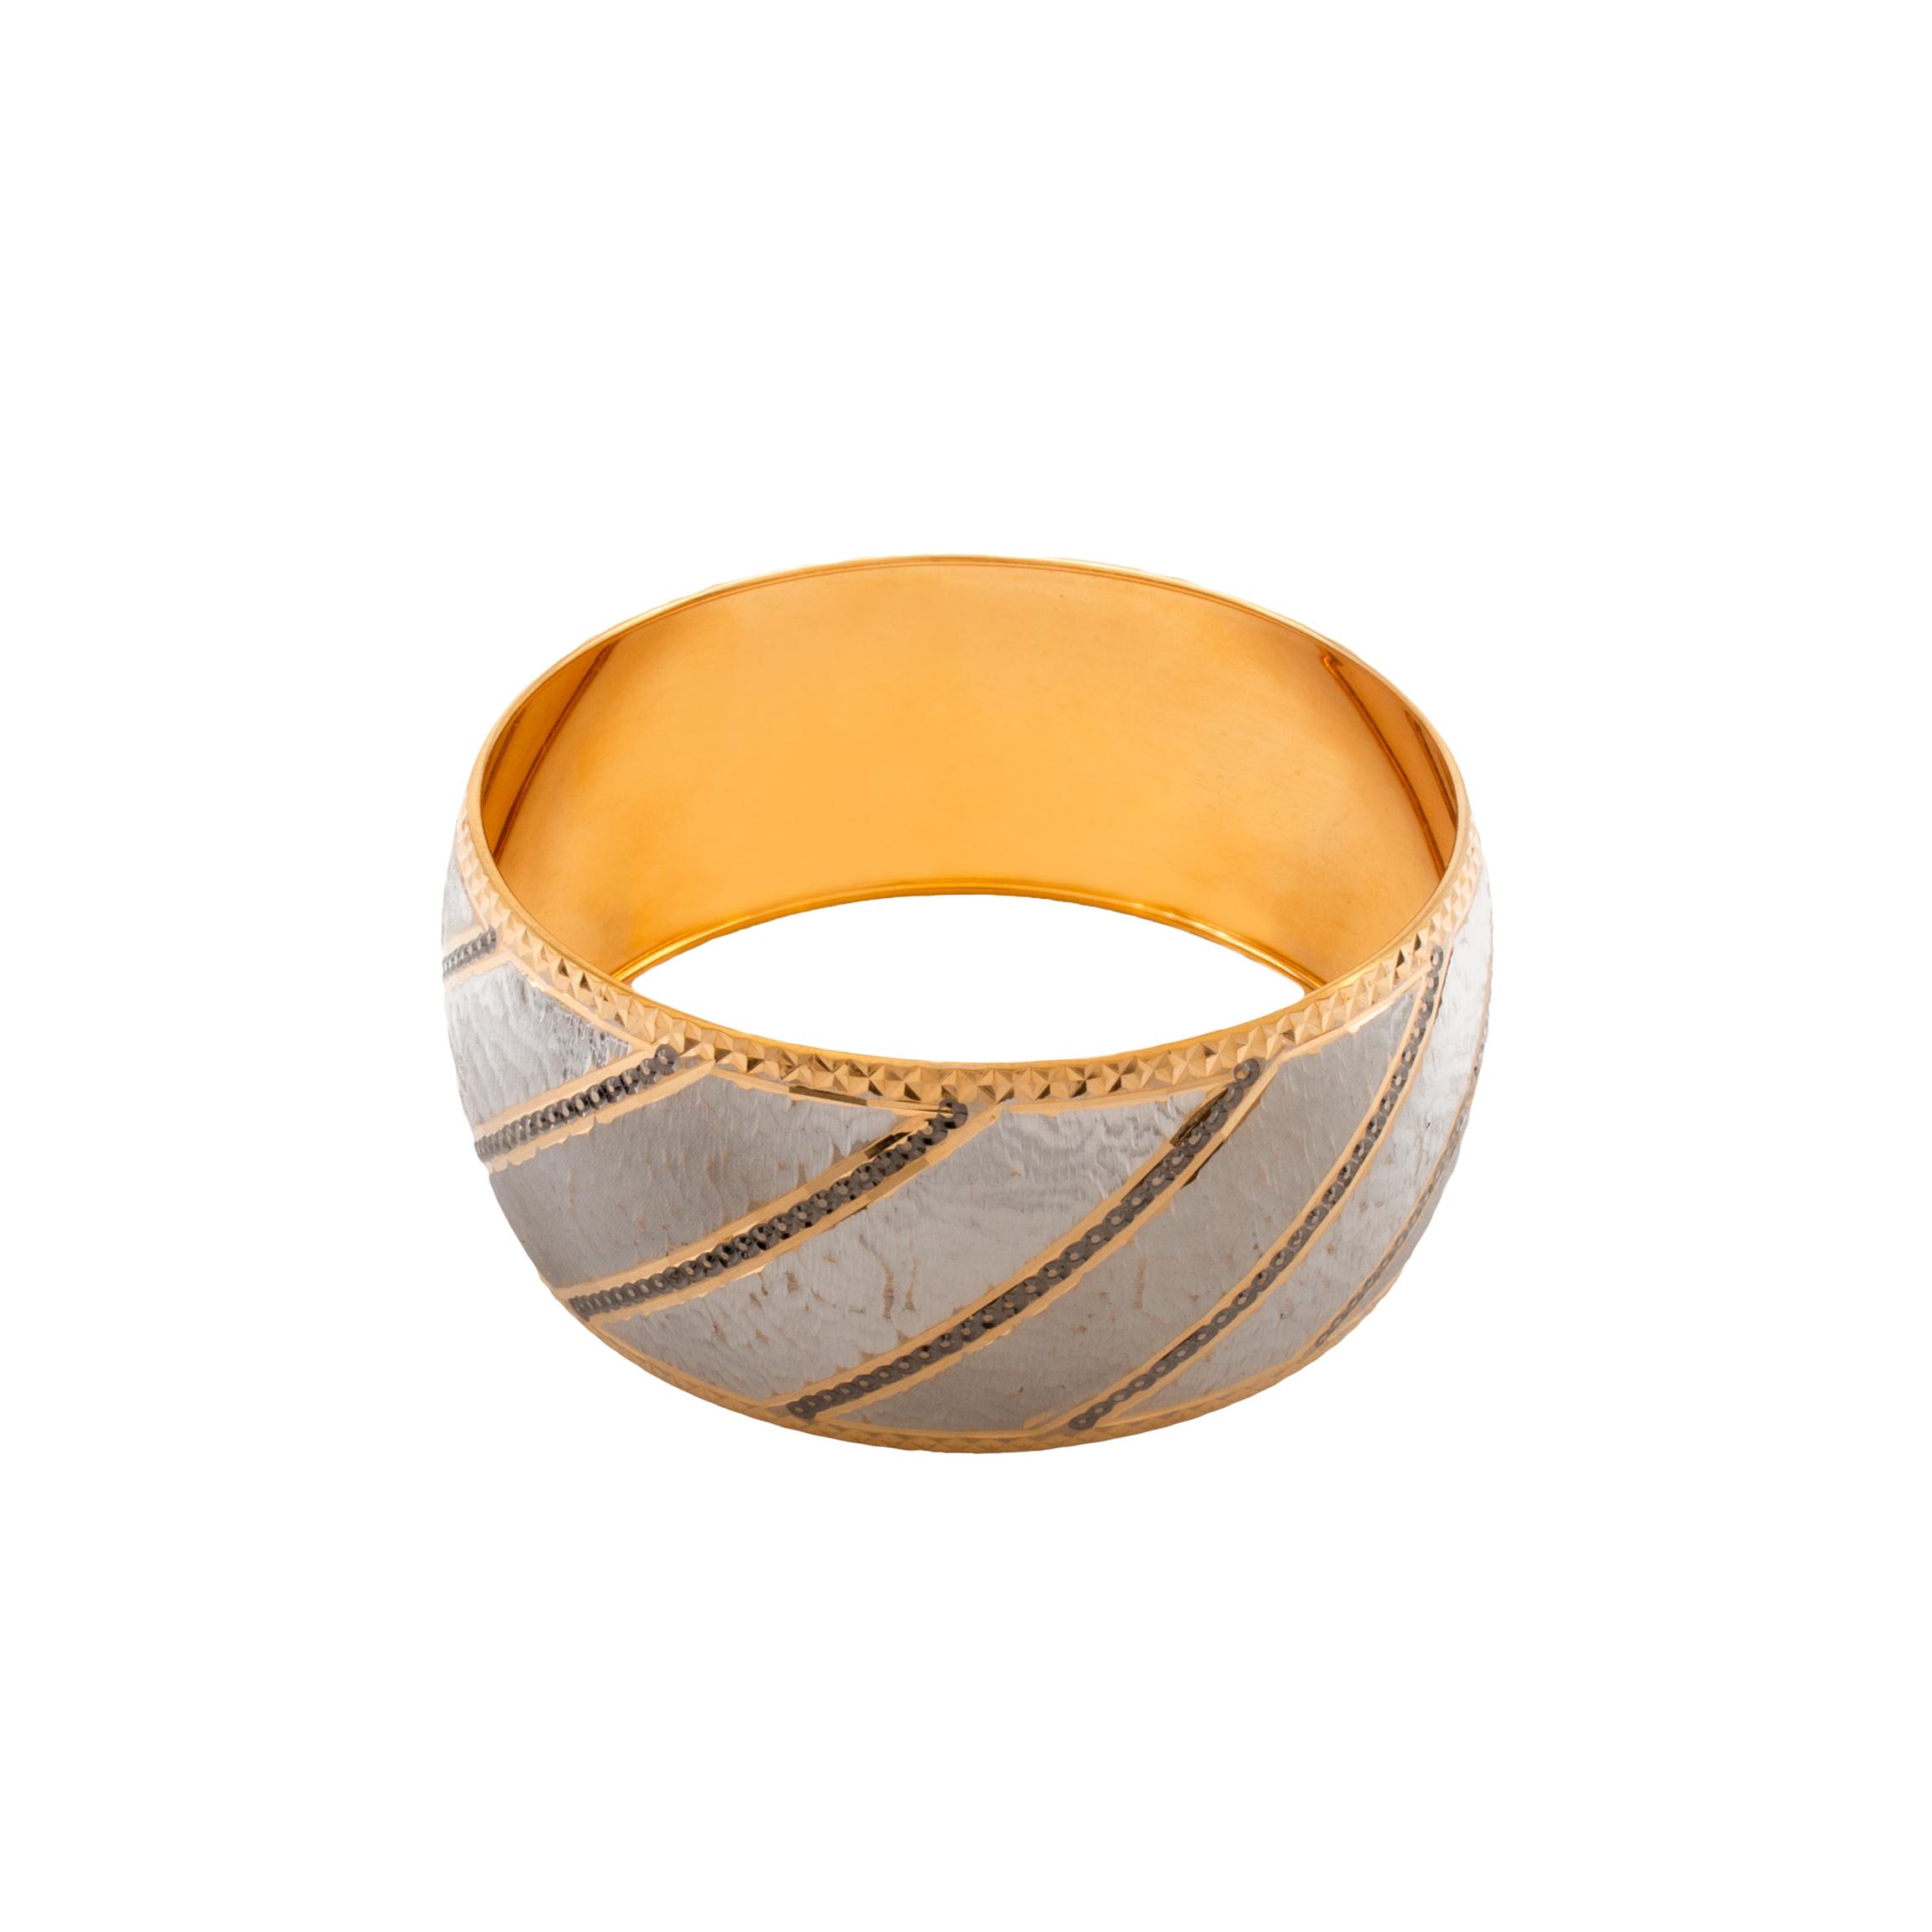 راهنمای خرید النگو طلا ۱۸ عیار زنانه دُرج مدل VB01-3 لیست قیمت